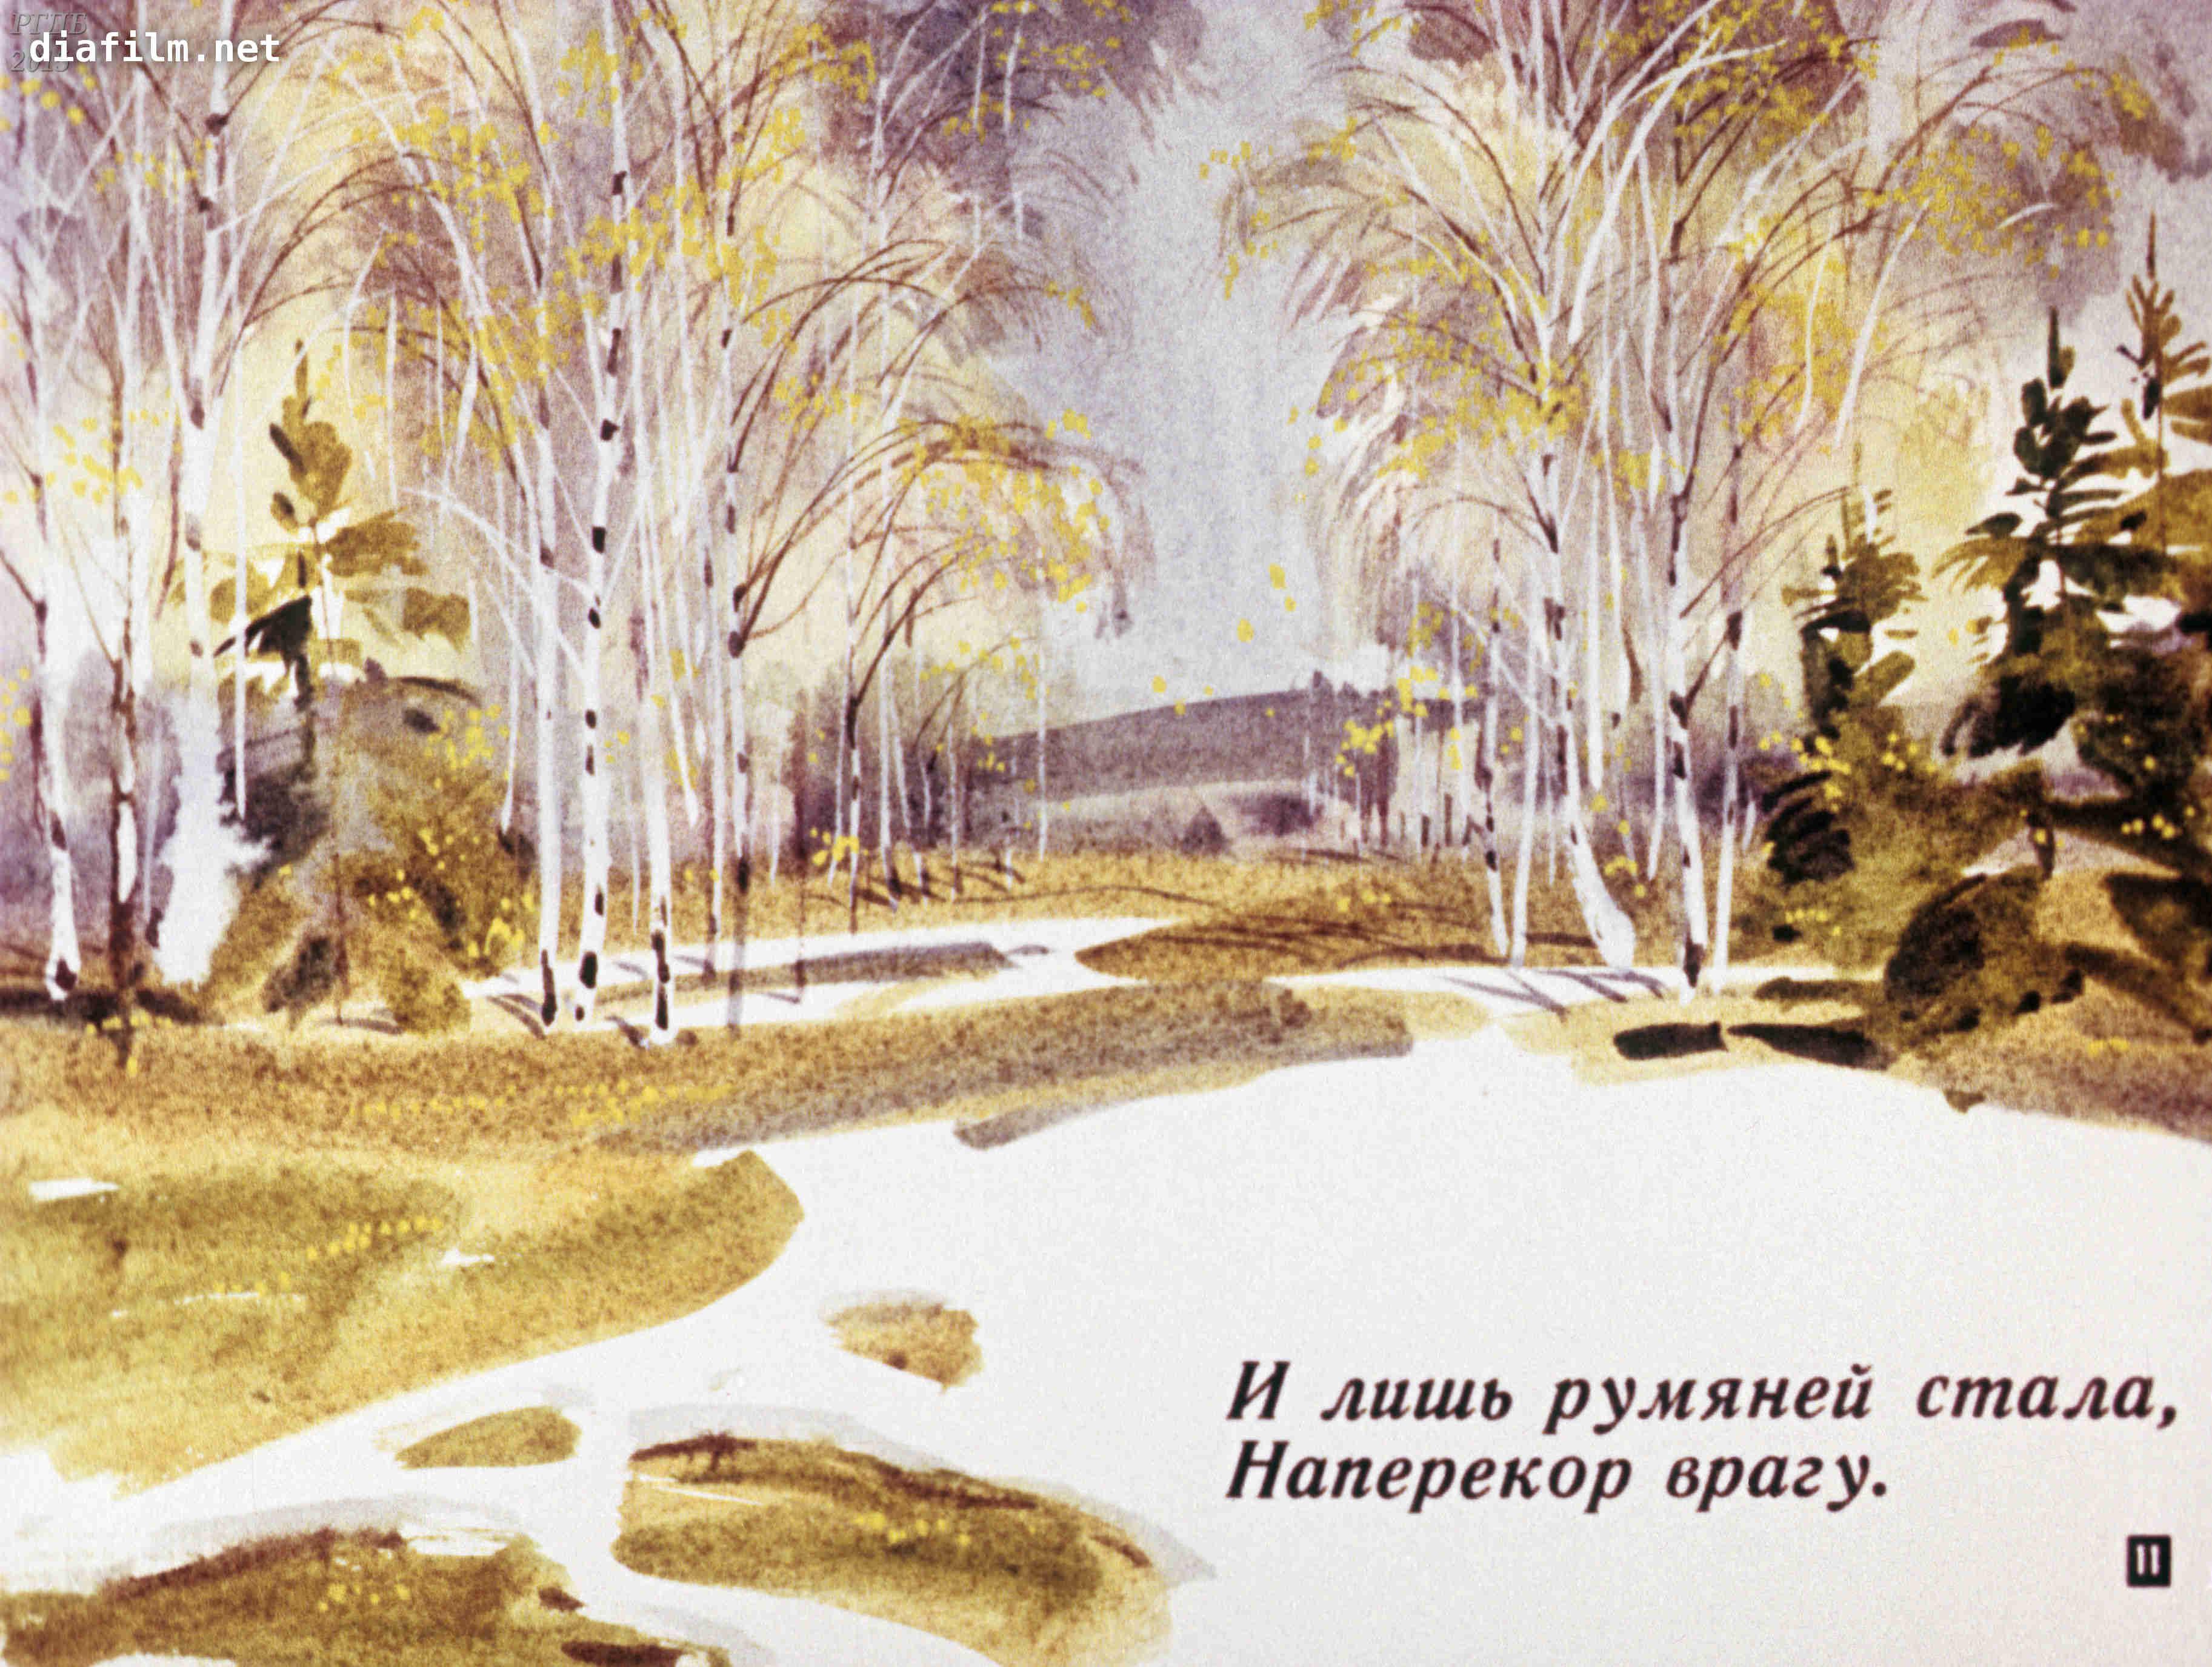 Стихи тютчева о временах года и картинки